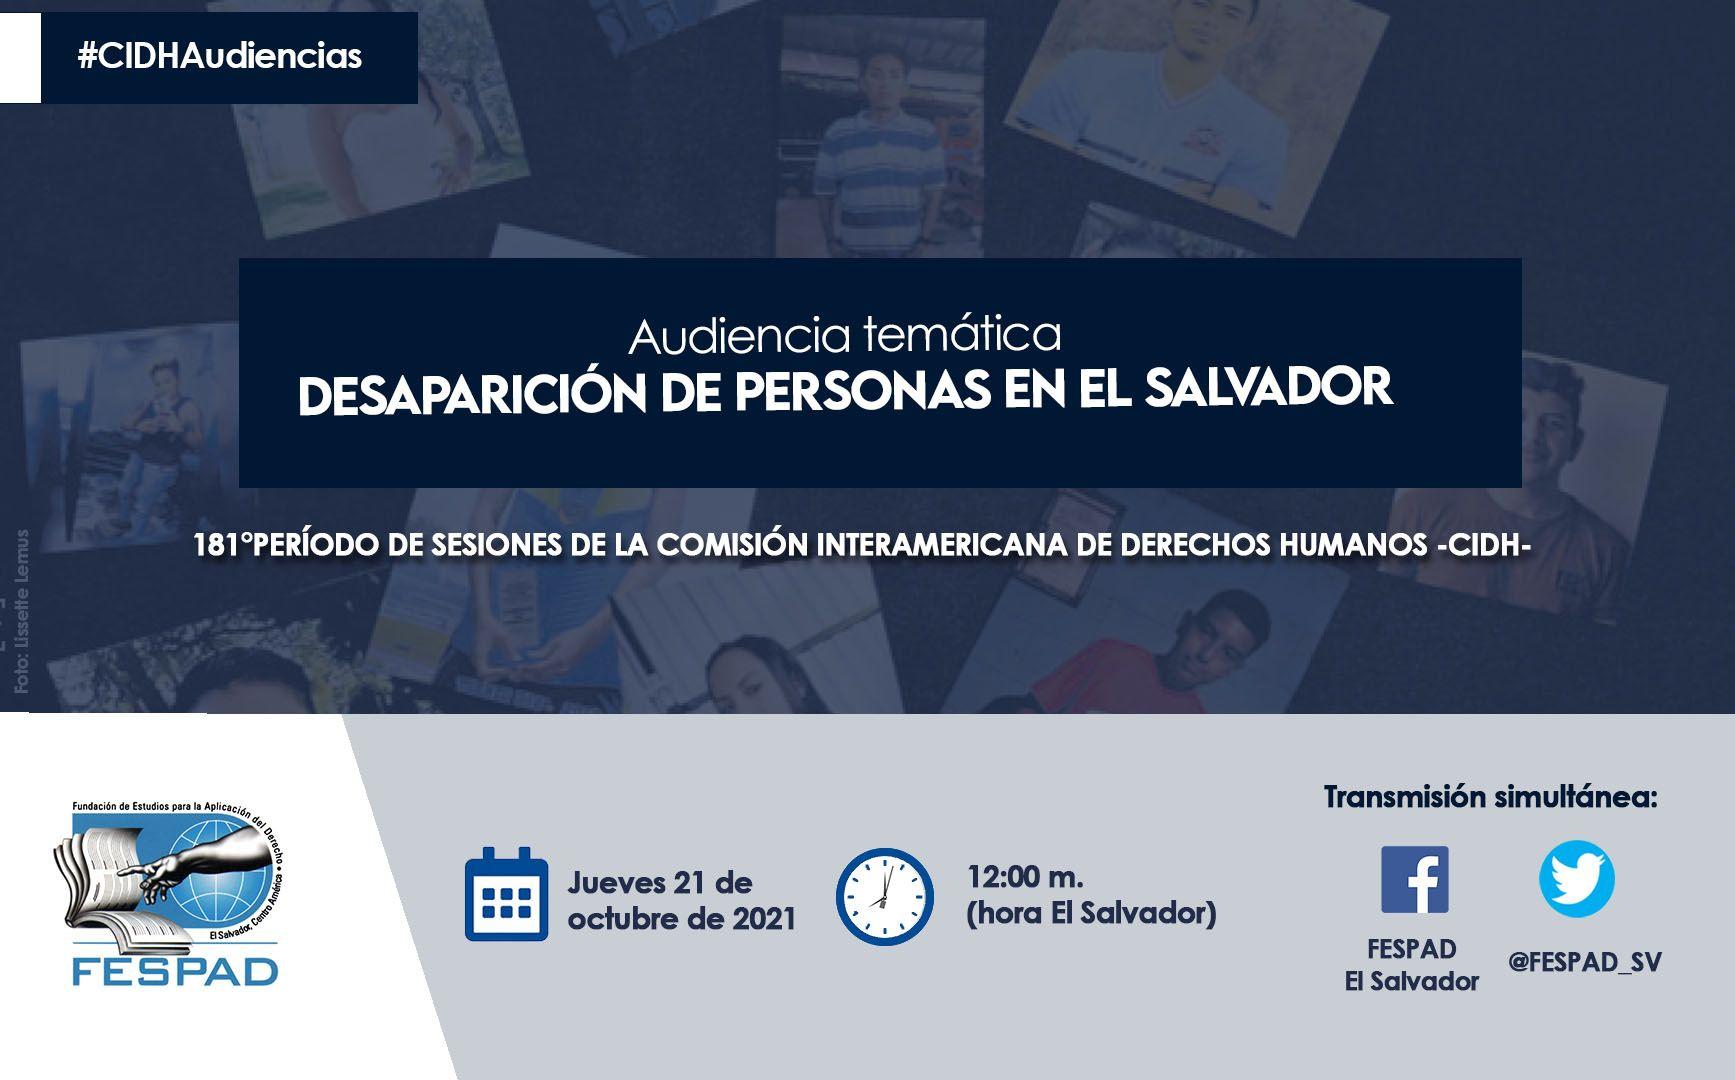 FESPAD participará en audiencia de CIDH sobre personas desaparecidas